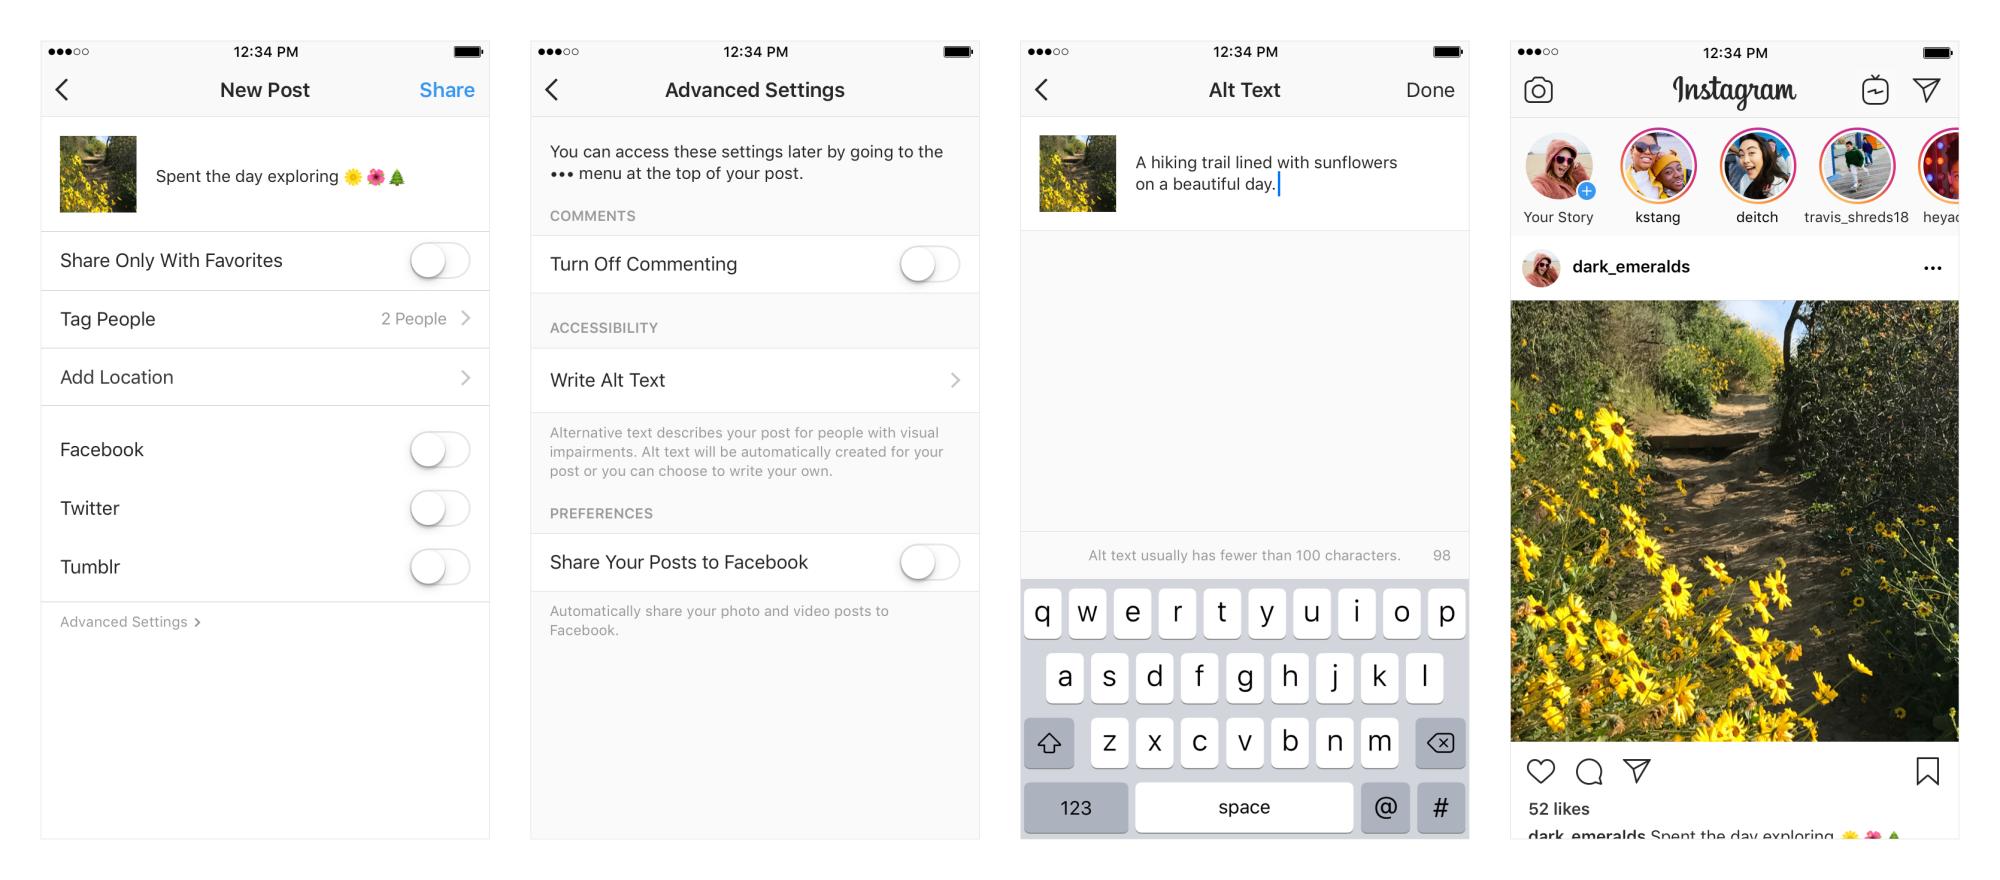 اینستاگرام ویژگی جدید شرح تصویر رابرای کاربران کم بینا اضافه میکند